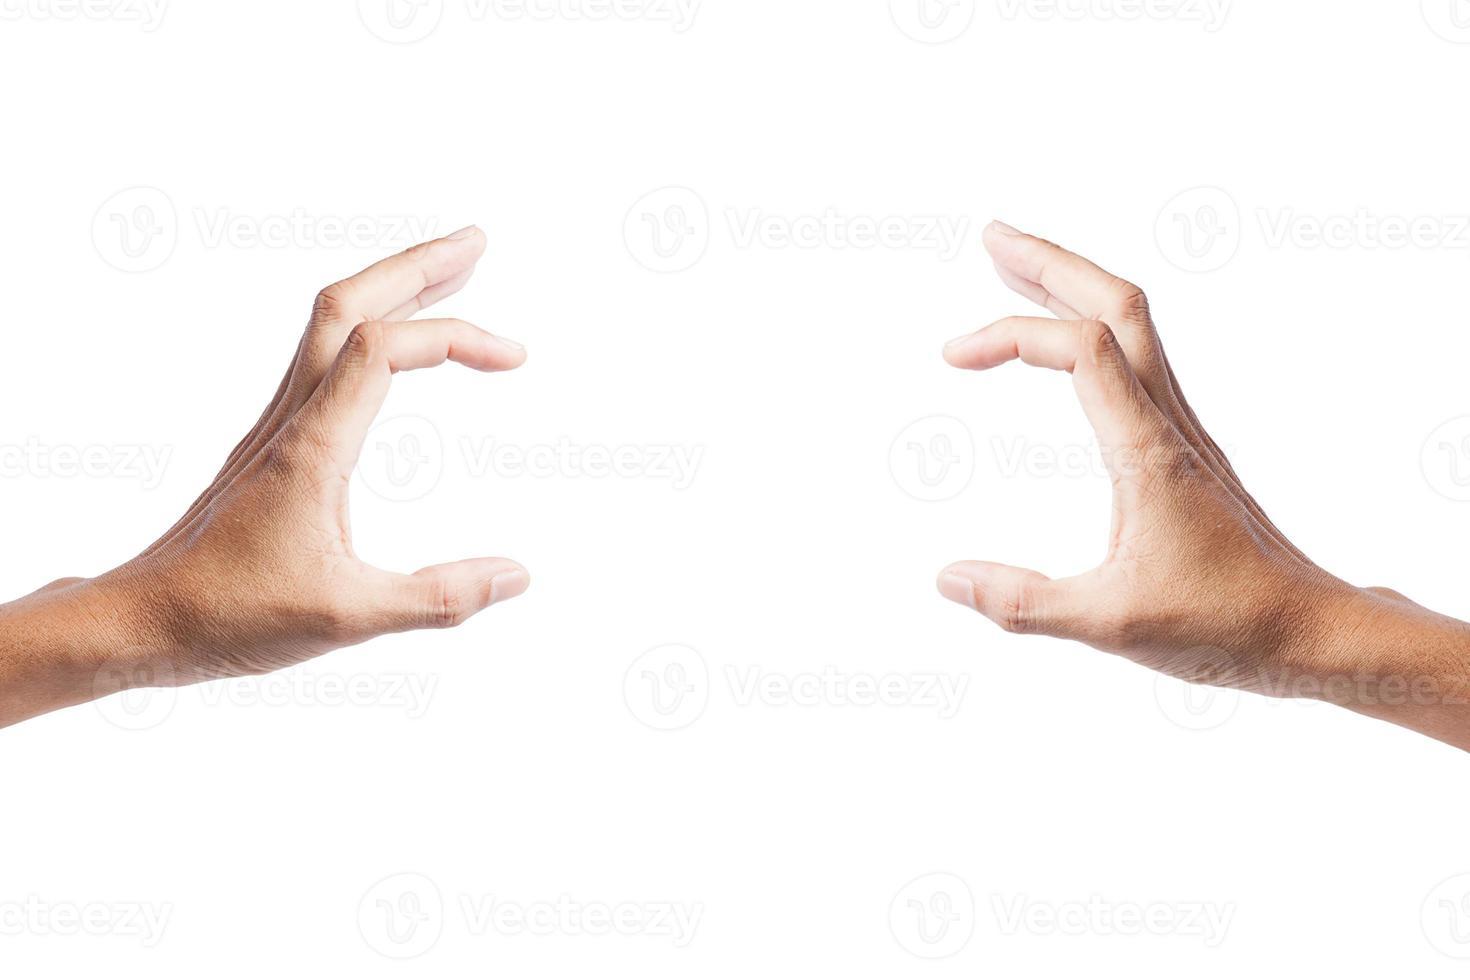 mano masculina aislada sobre fondo blanco foto